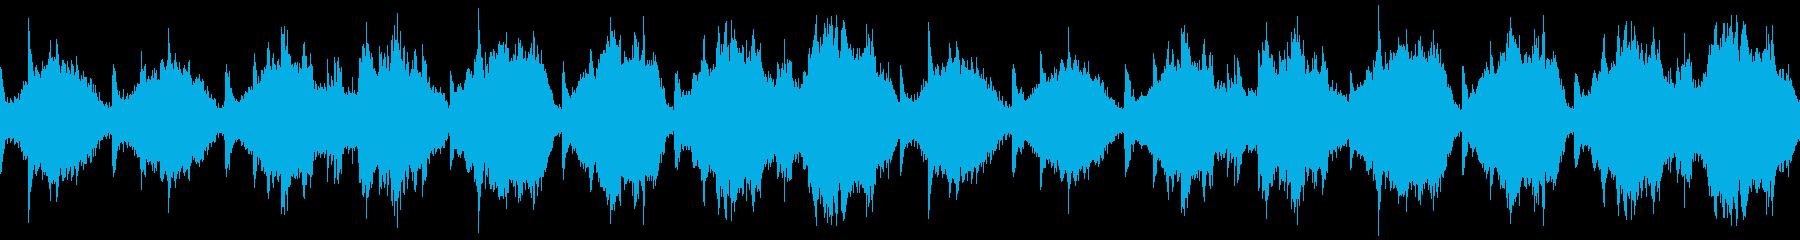 【ドラム抜き】感動系宇宙っぽいエピック…の再生済みの波形